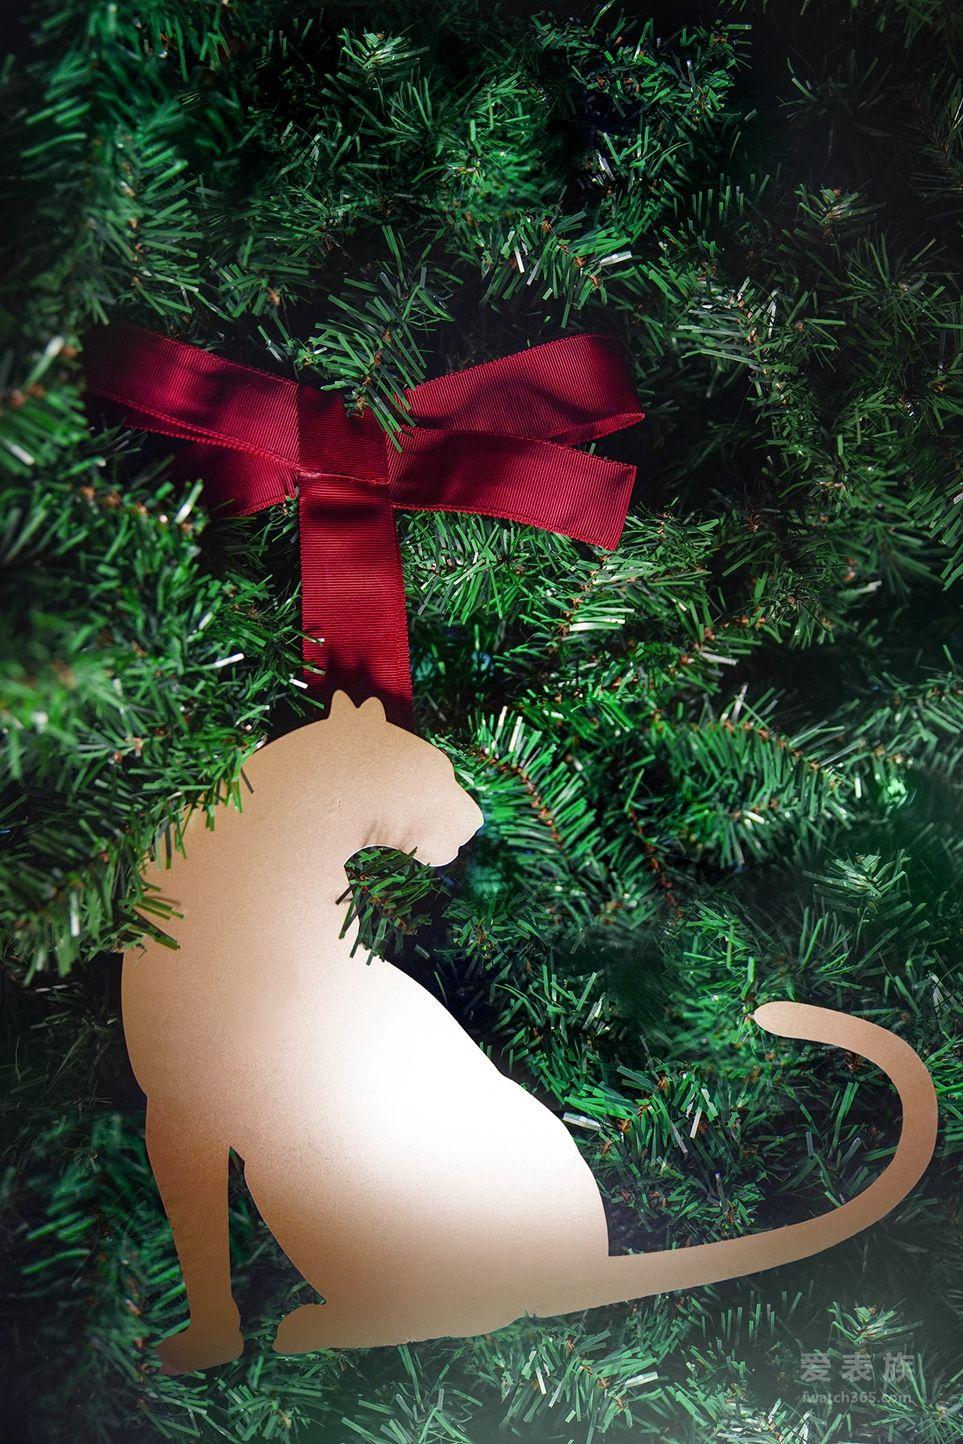 绮丽冬日 寻梦圣诞